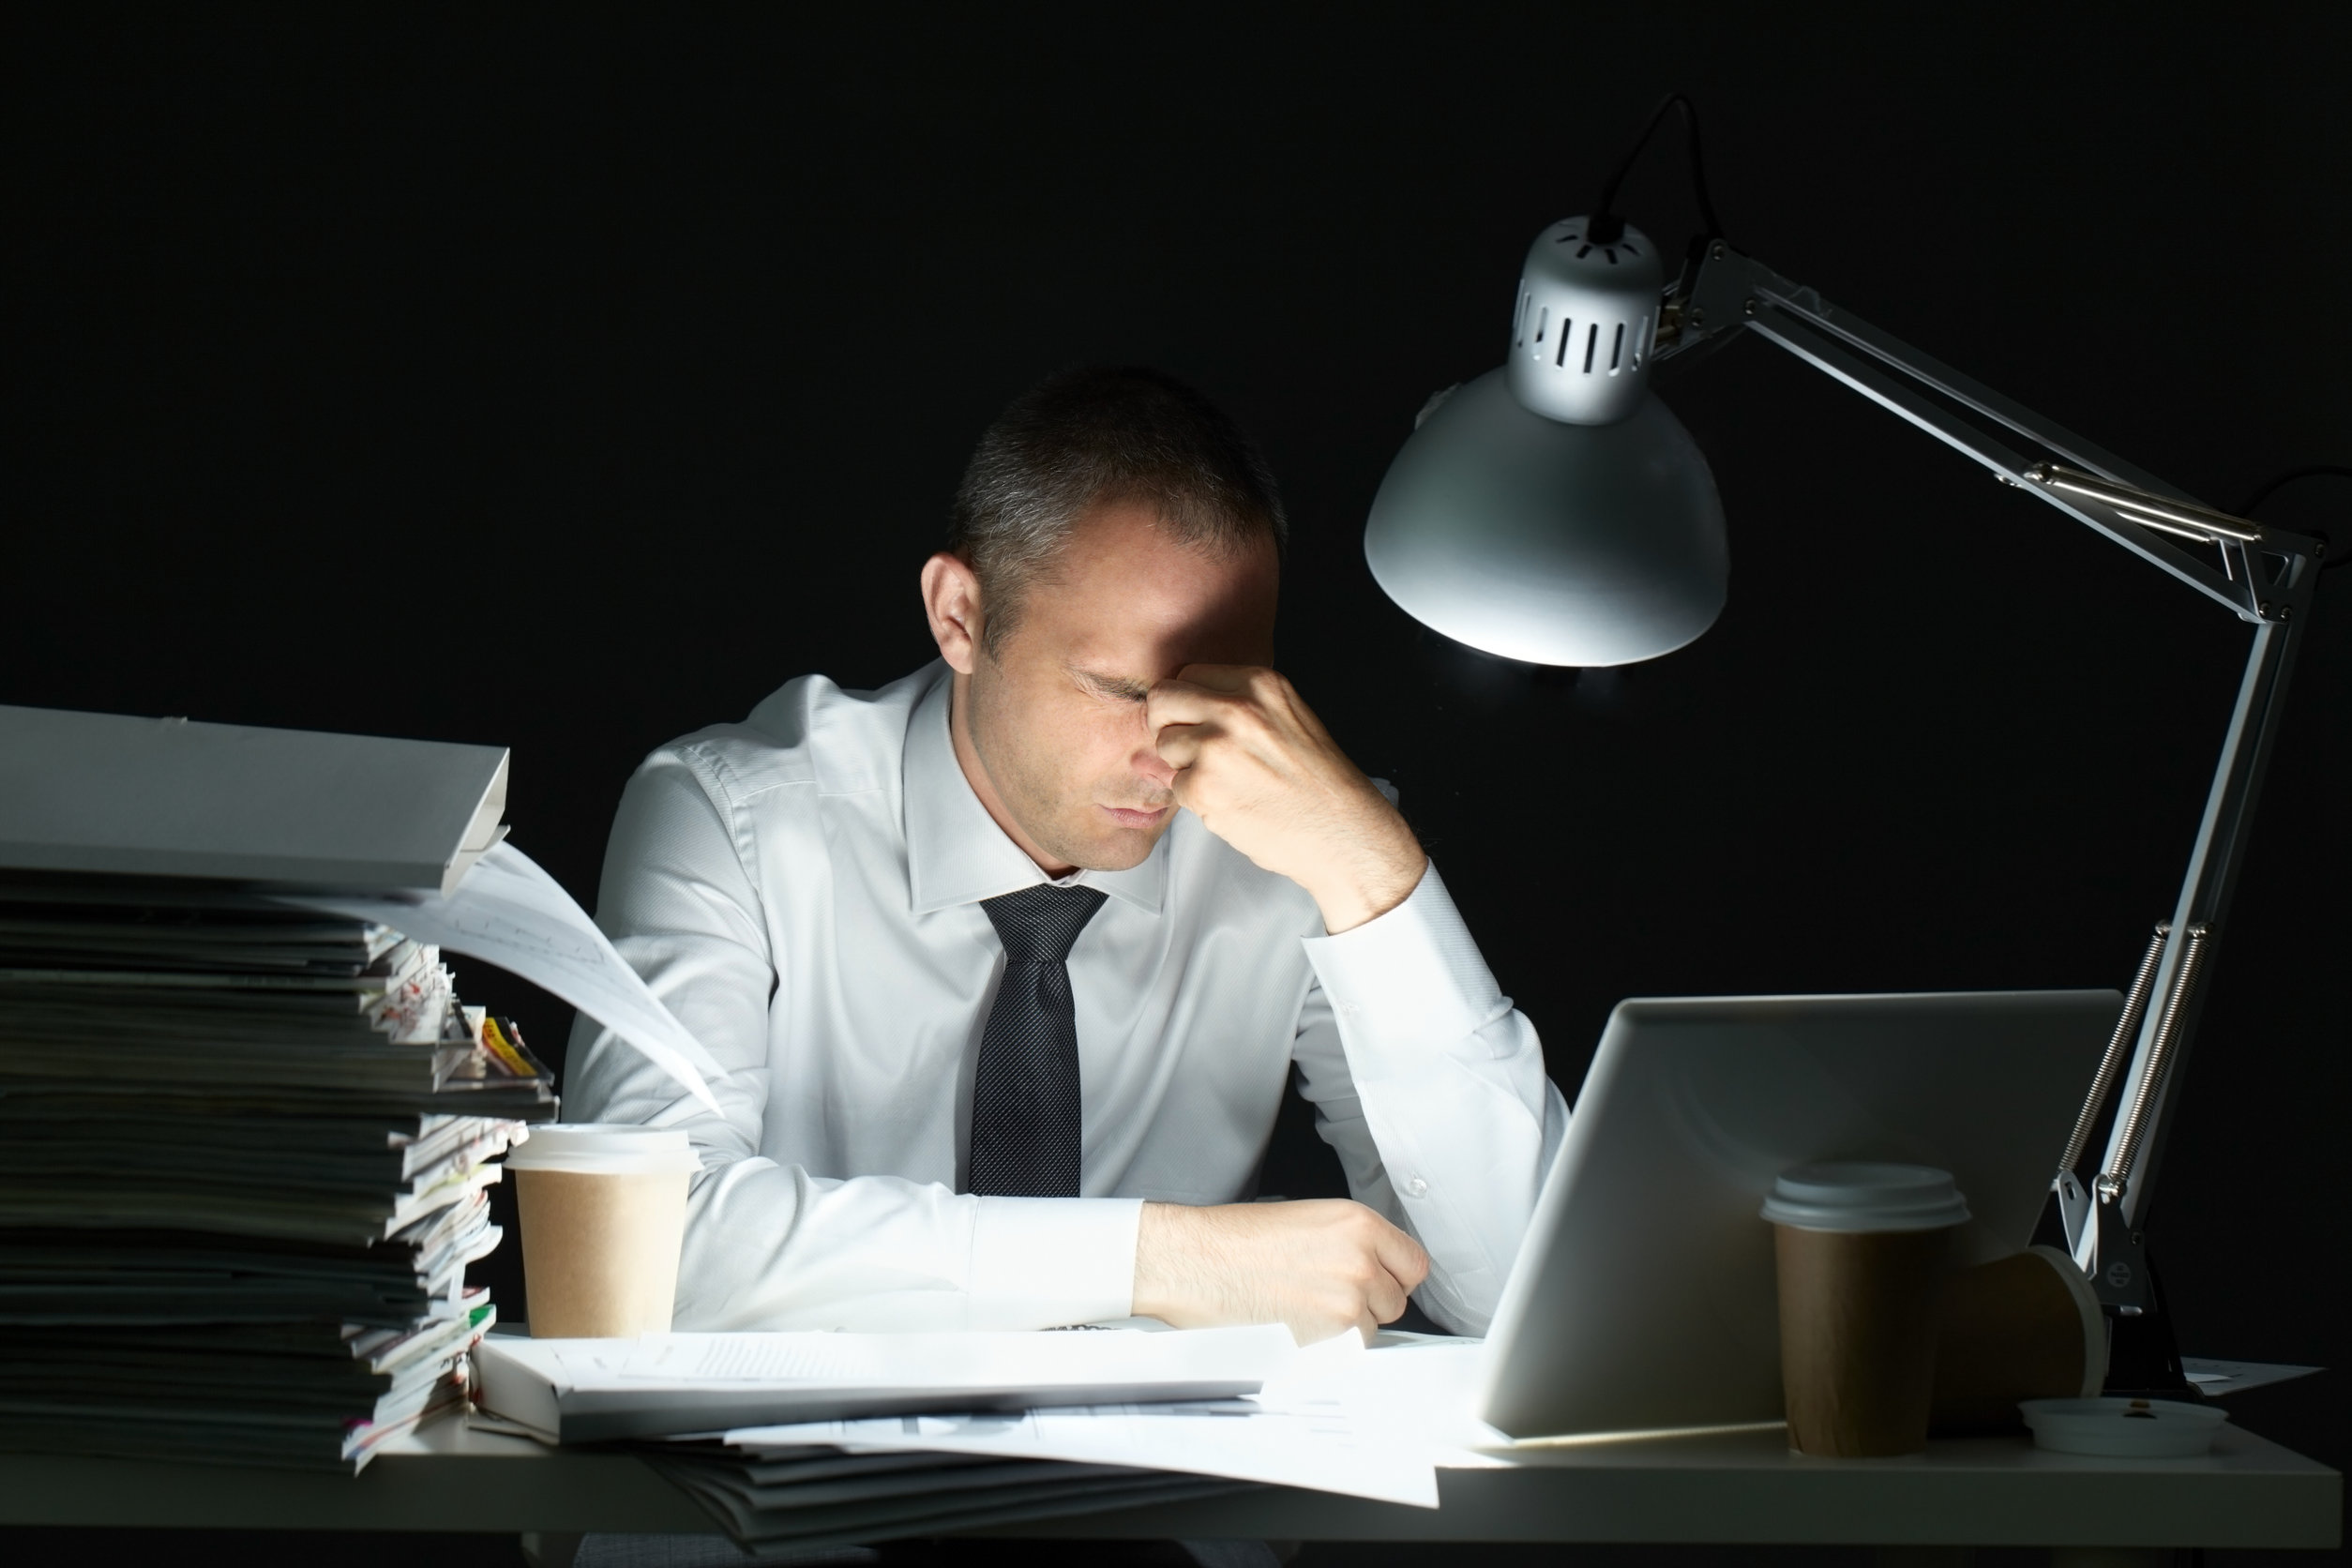 Travail de nuit : comment réduire les effets négatifs ?